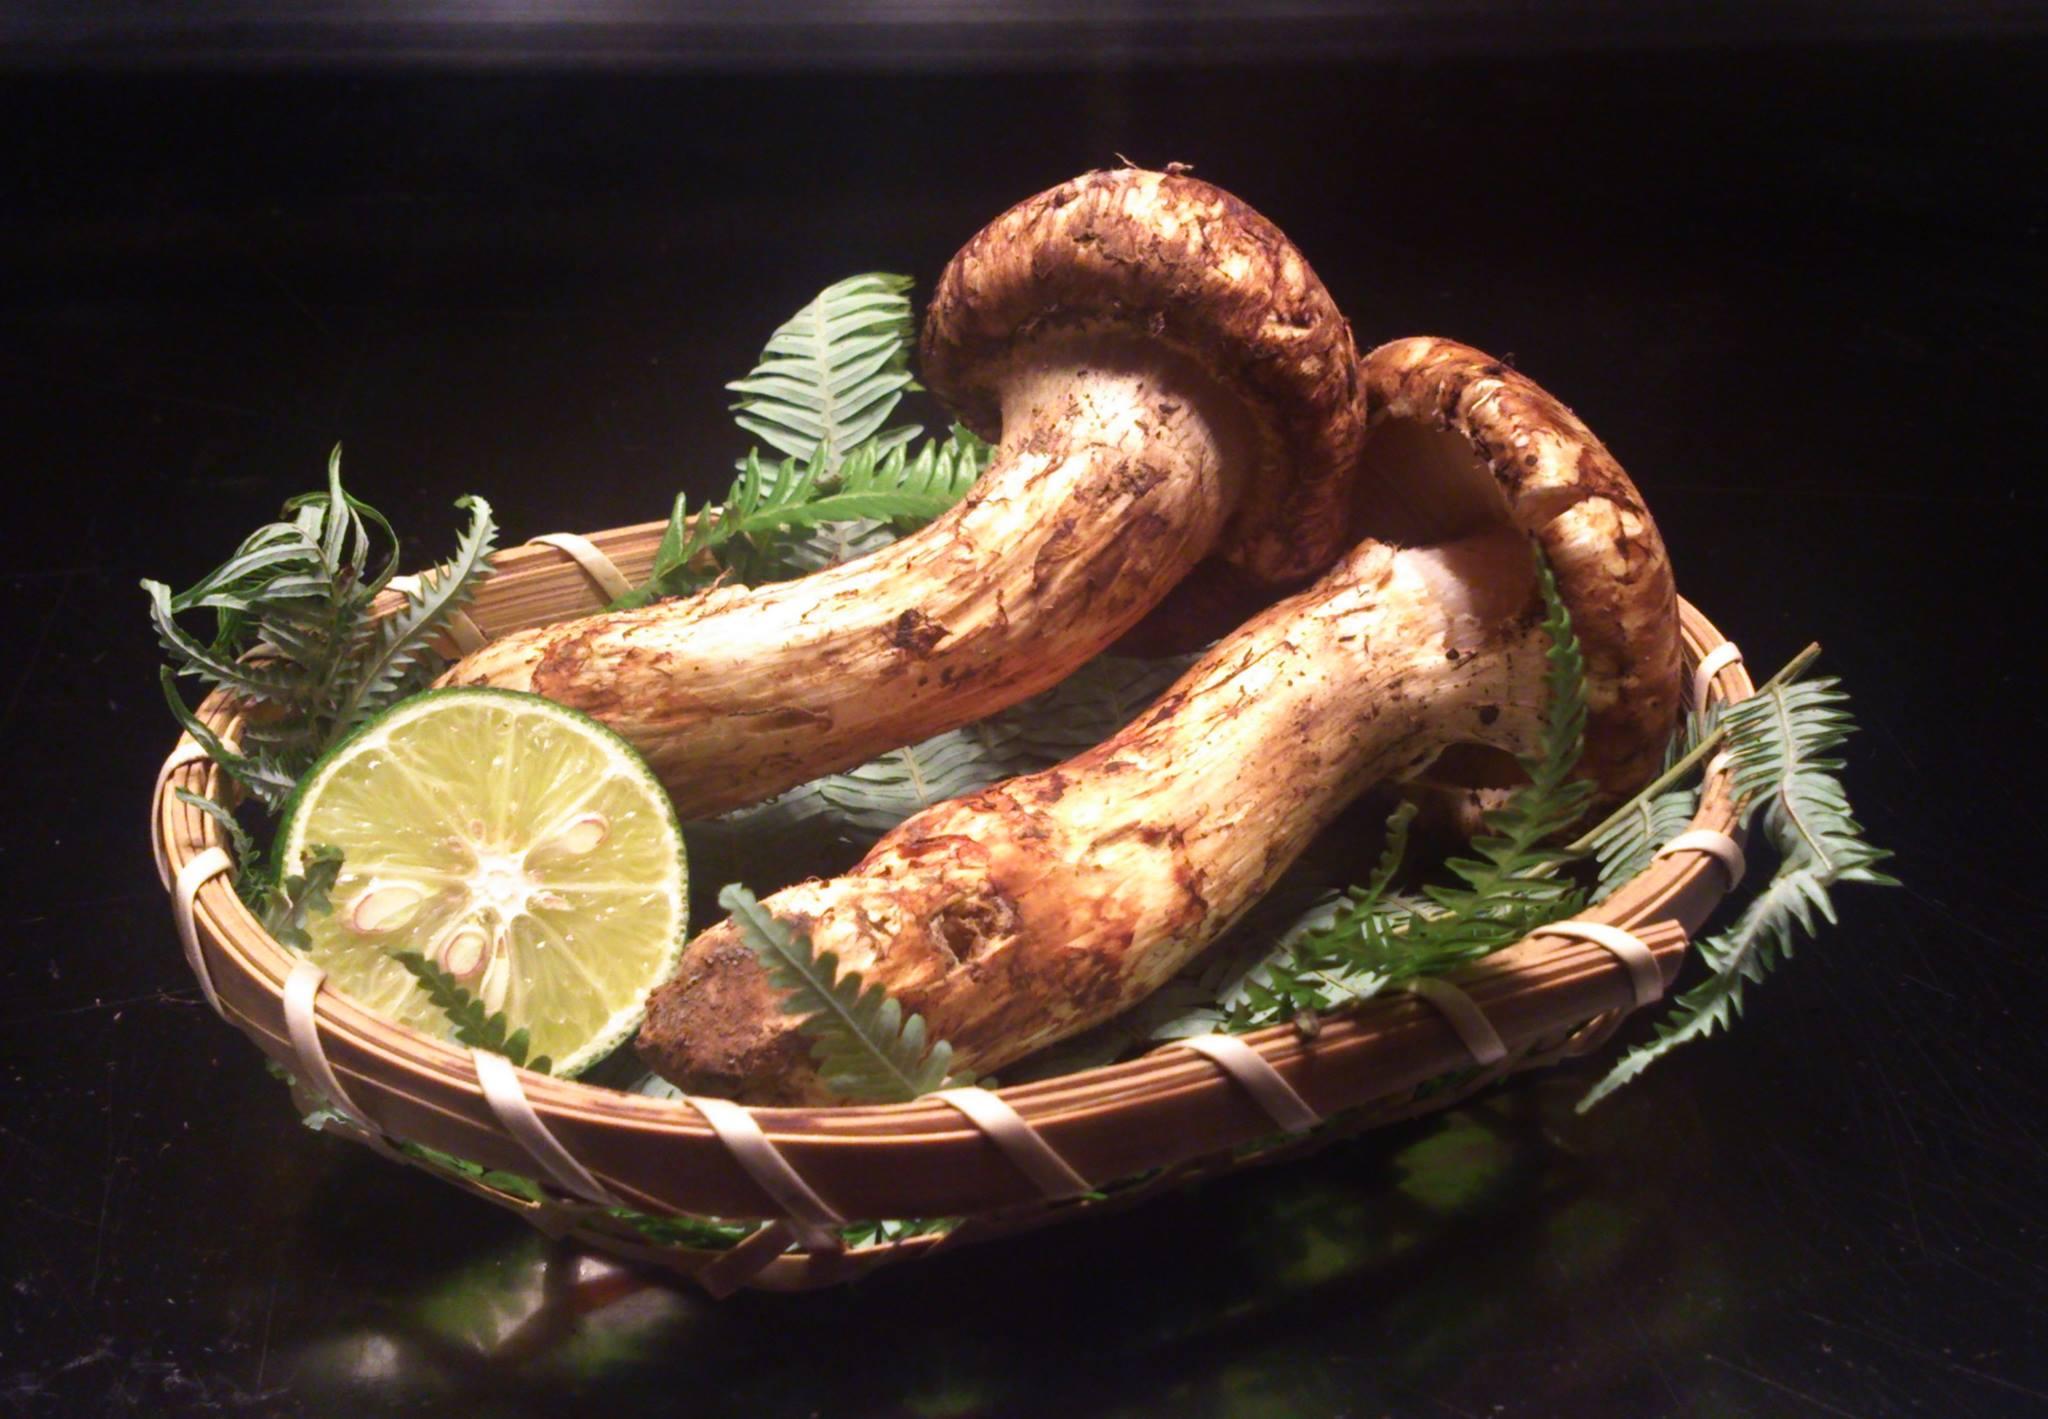 【簡単】香り高~い贅沢♡松茸の絶品料理を作ろう!【レシピ集】のサムネイル画像